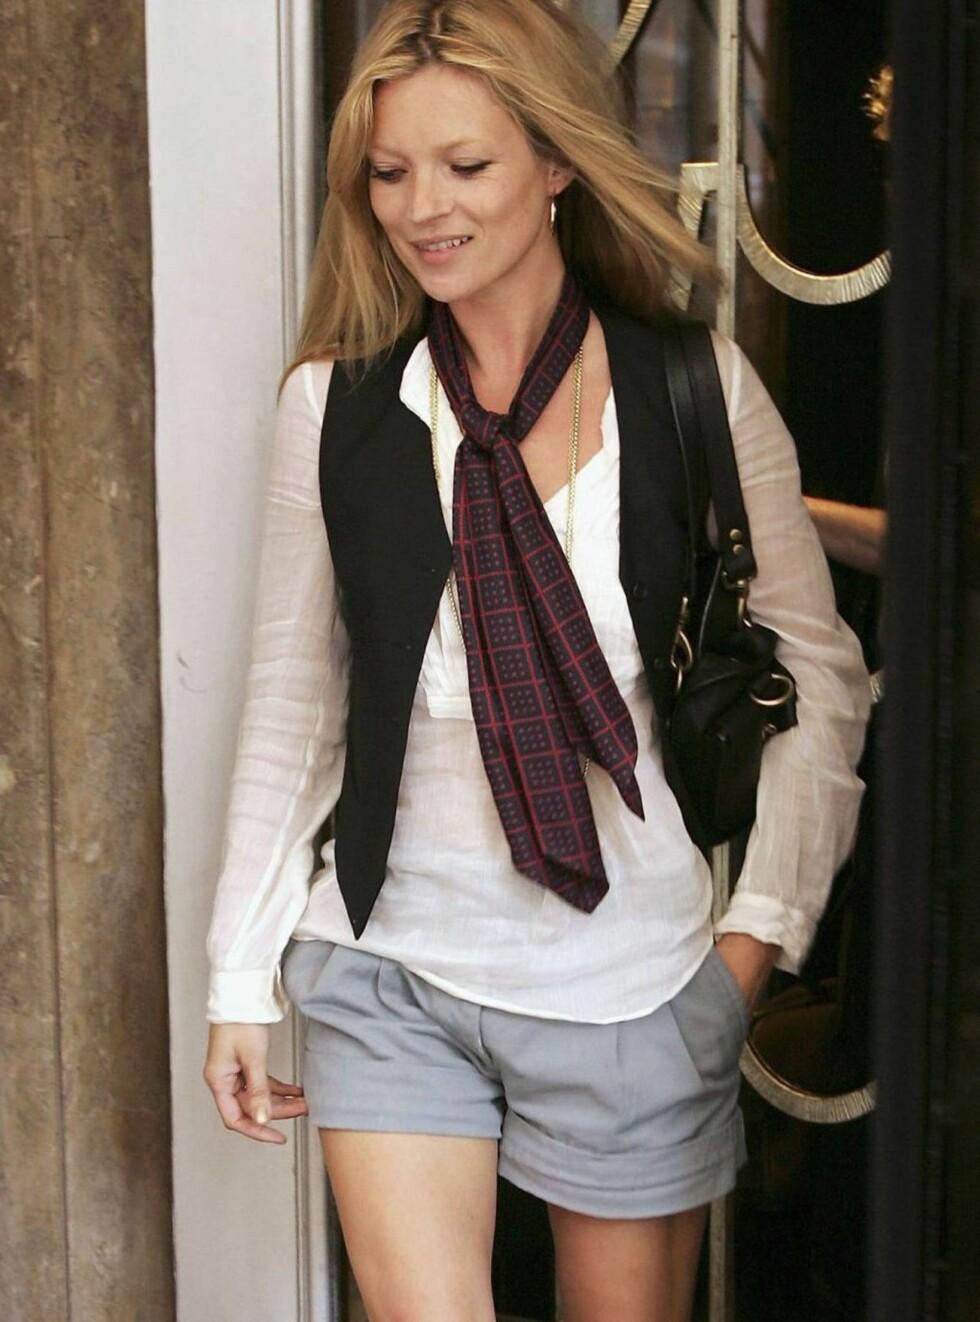 FOR RETTEN: Narkotika-saken mot Kate Moss kom opp for retten i London før helgen. Da saken ble henlagt, dro Kate på fest. Foto: All Over Press